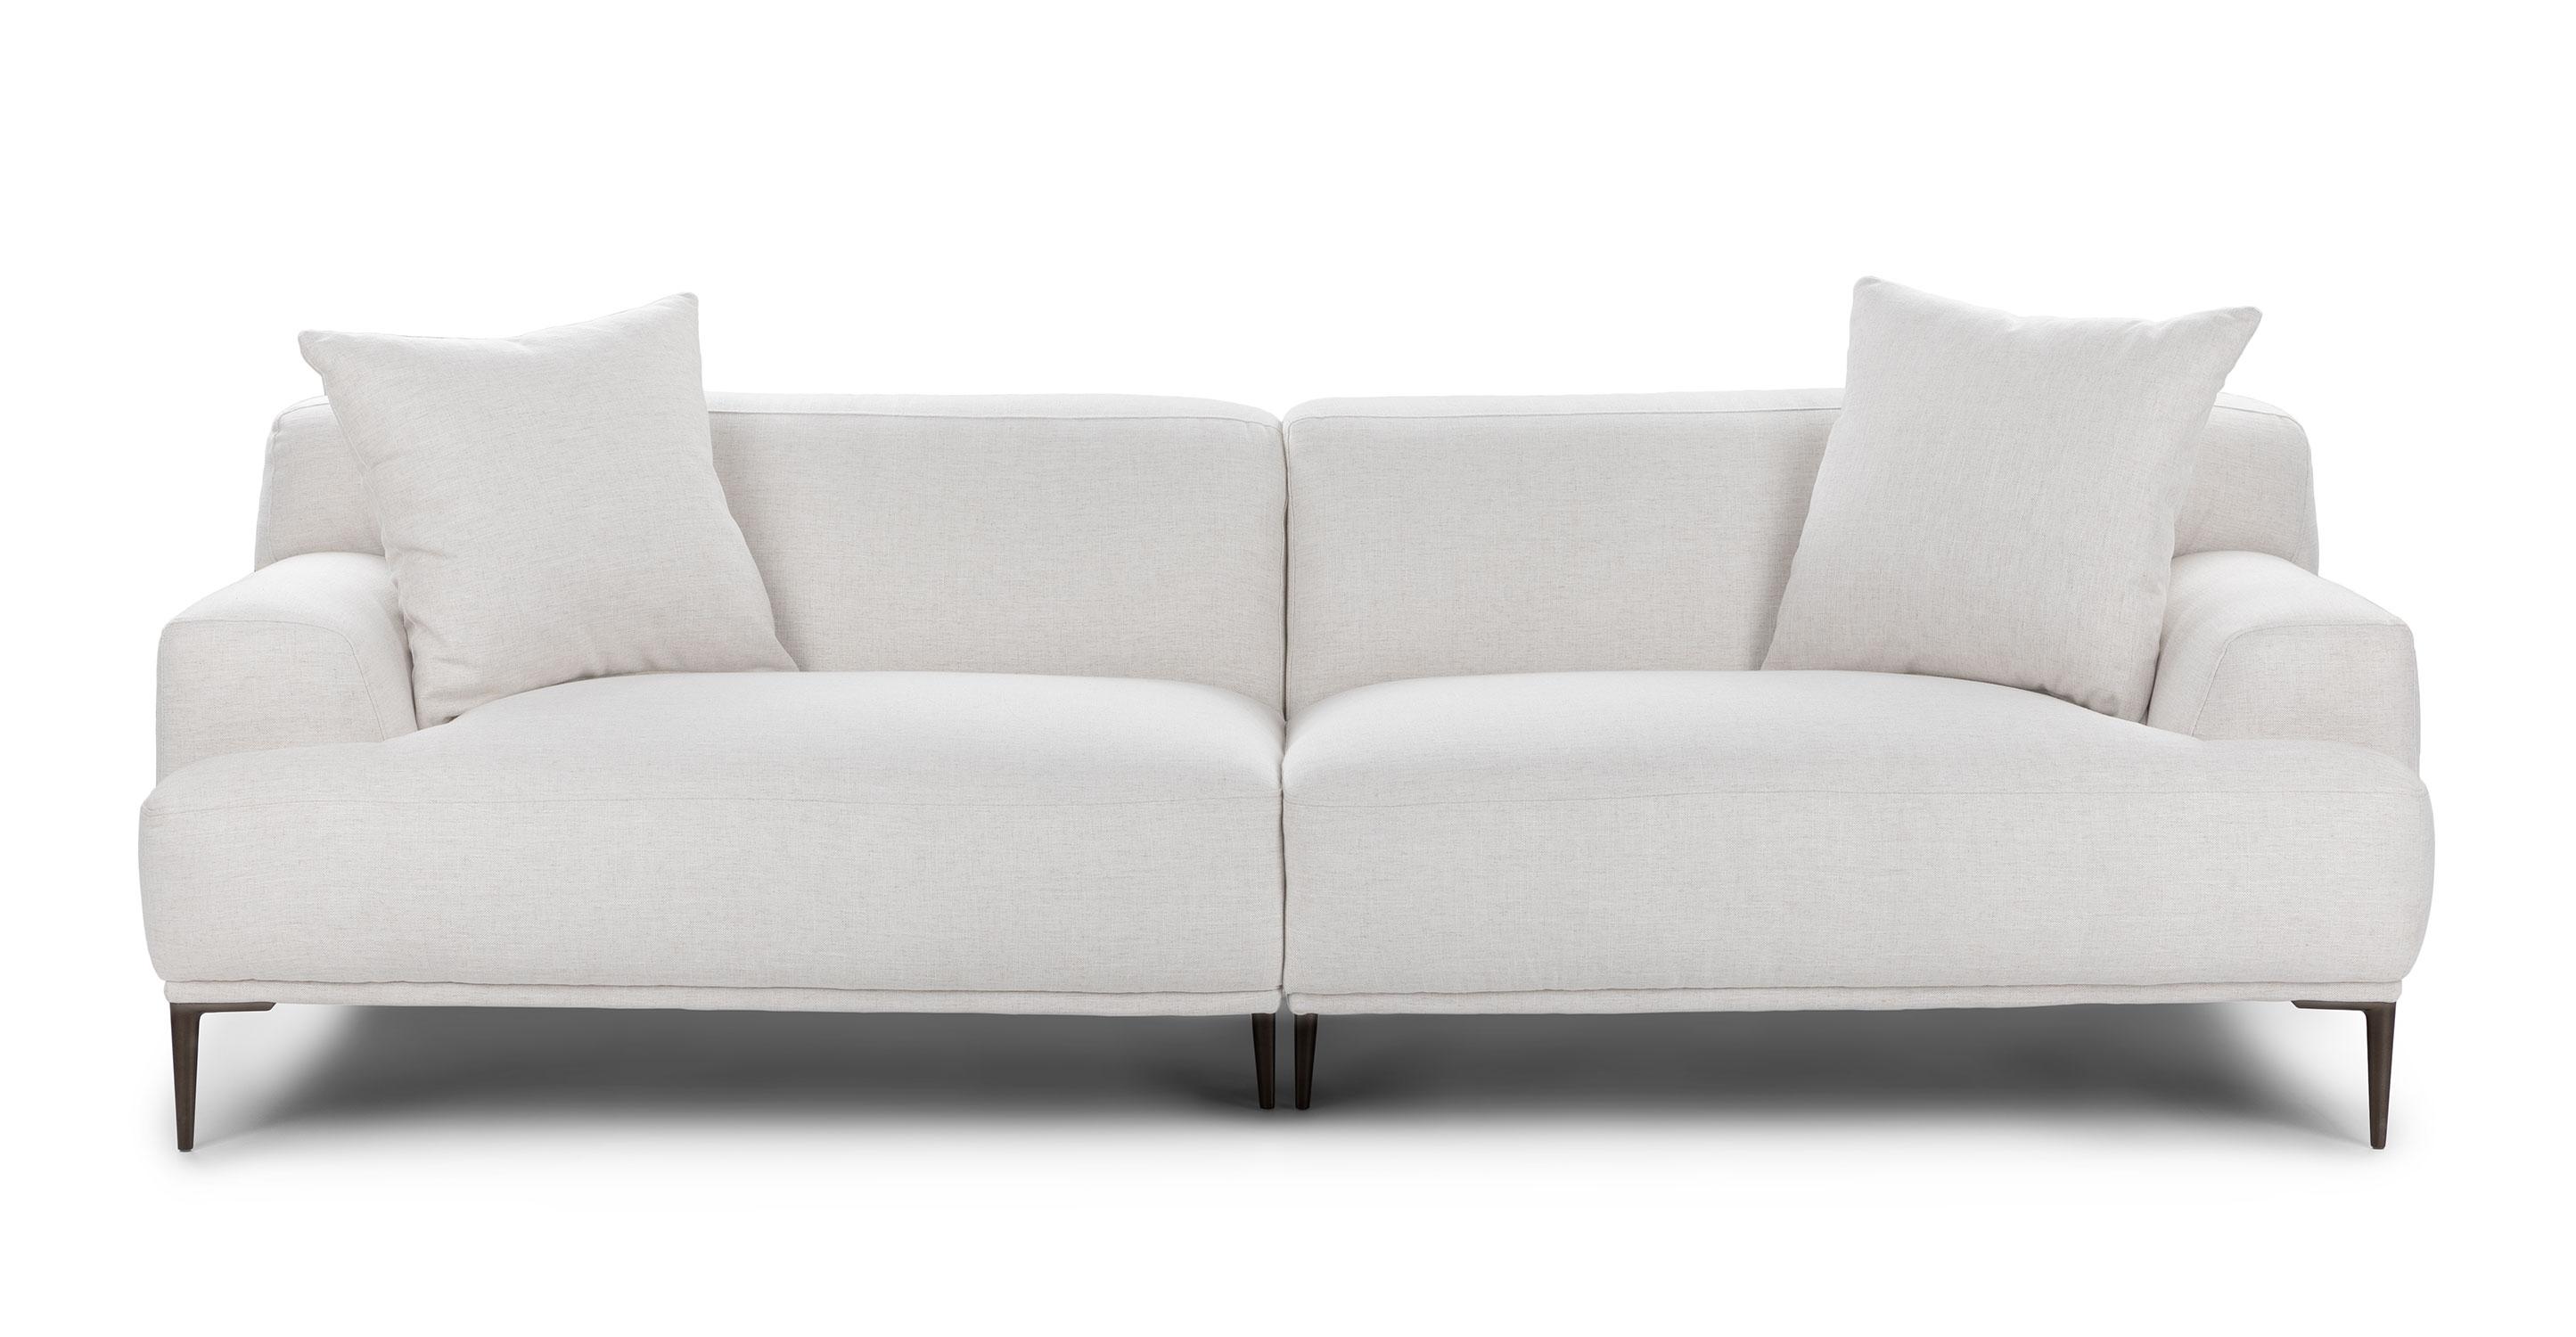 Quartz White 3 Seater Sofa Fabric Abisko Article